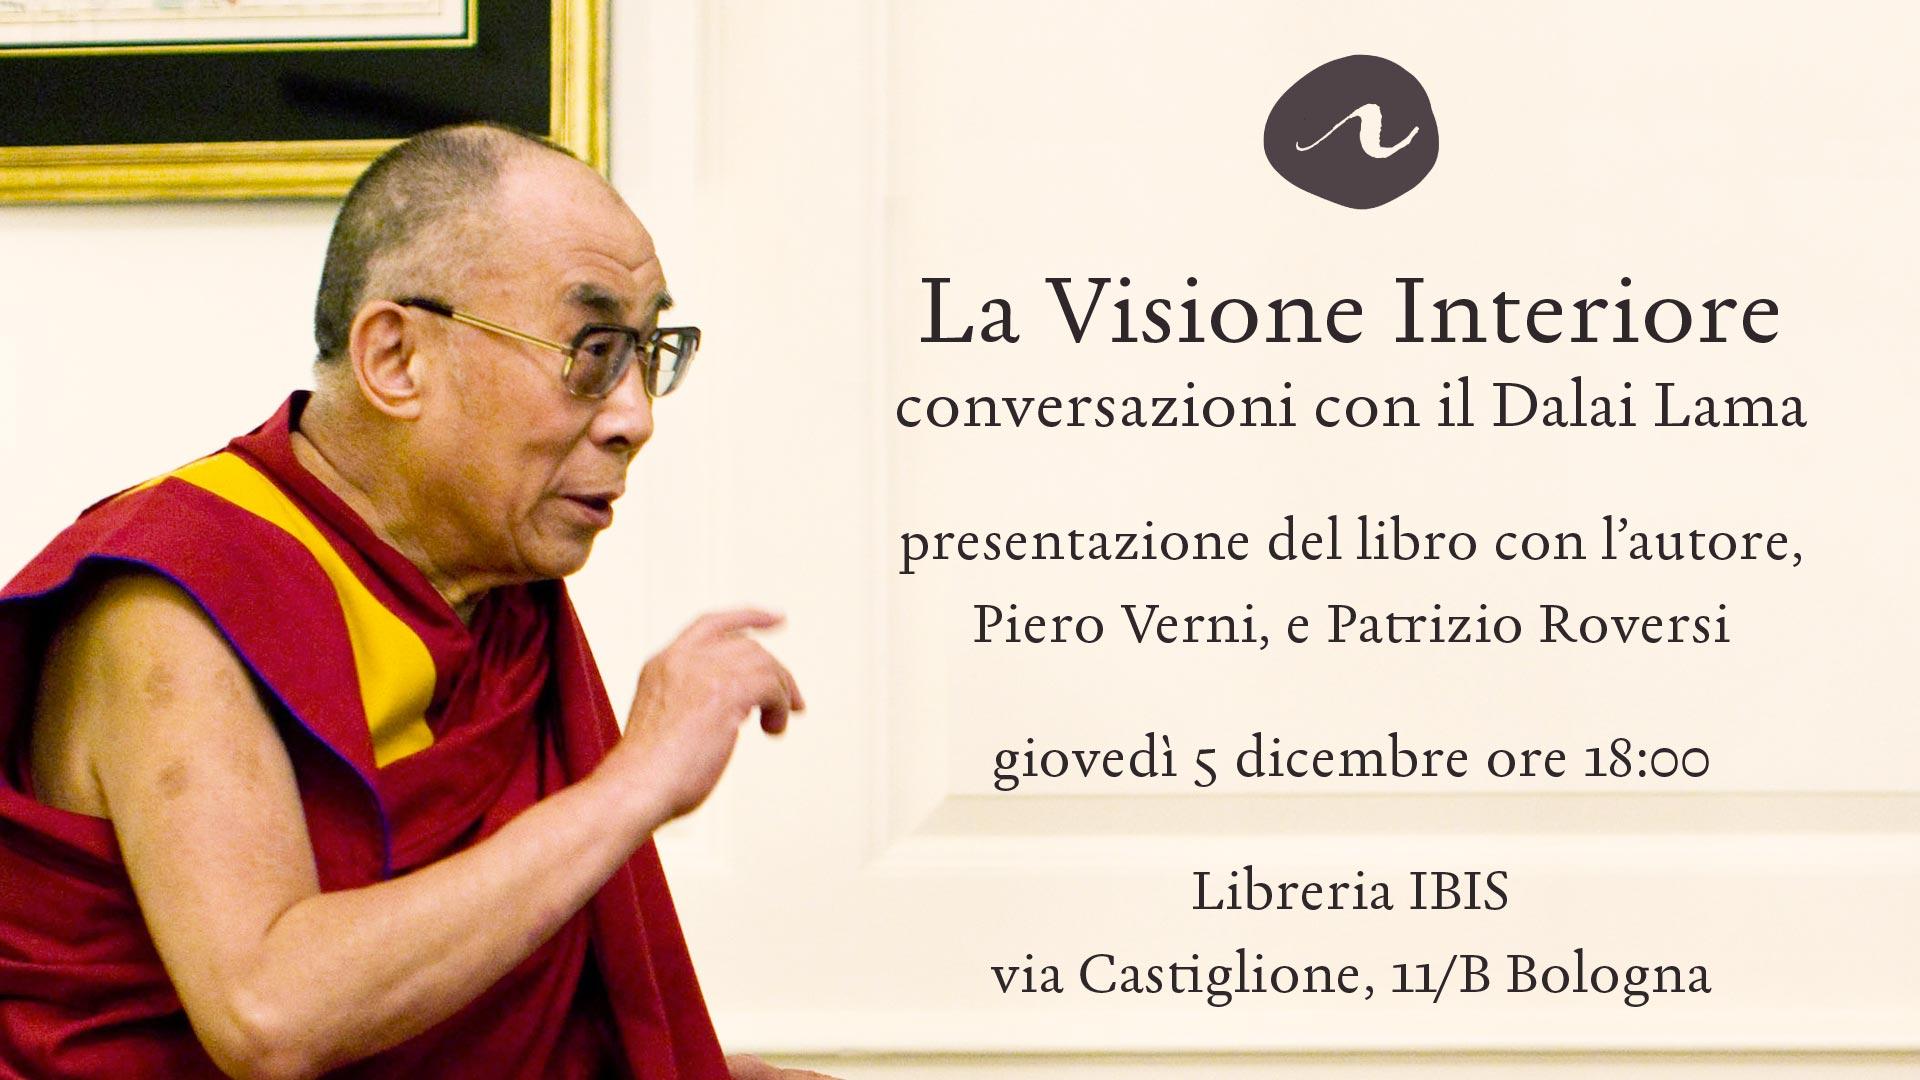 La visione interiore: la presentazione a Bologna